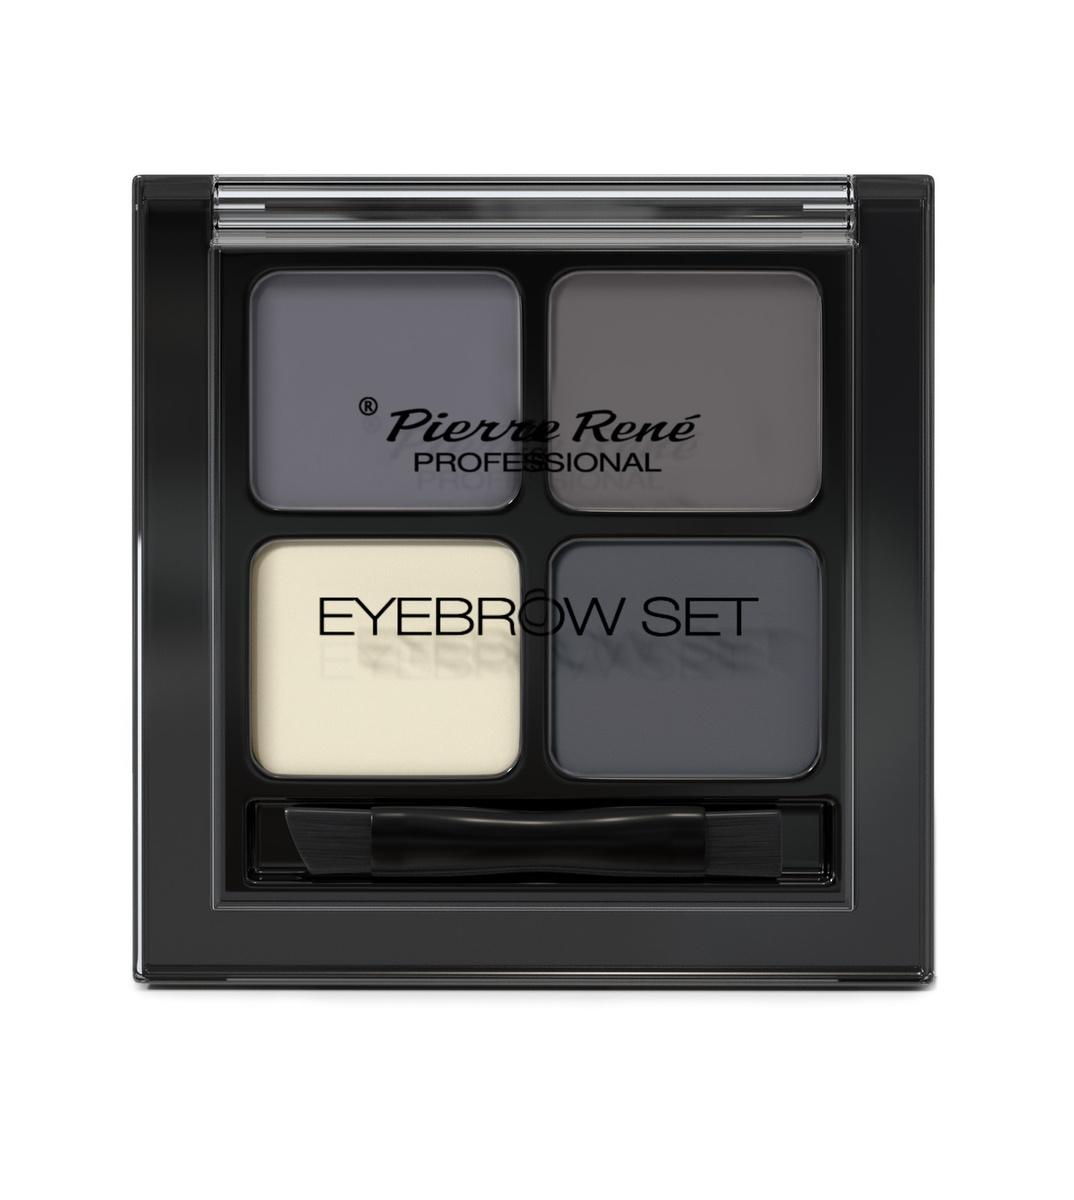 PIERRE RENE PROFESSIONAL Палетка для бровей 02 (тени 3 шт, воск для фиксации) / Eyebrow set